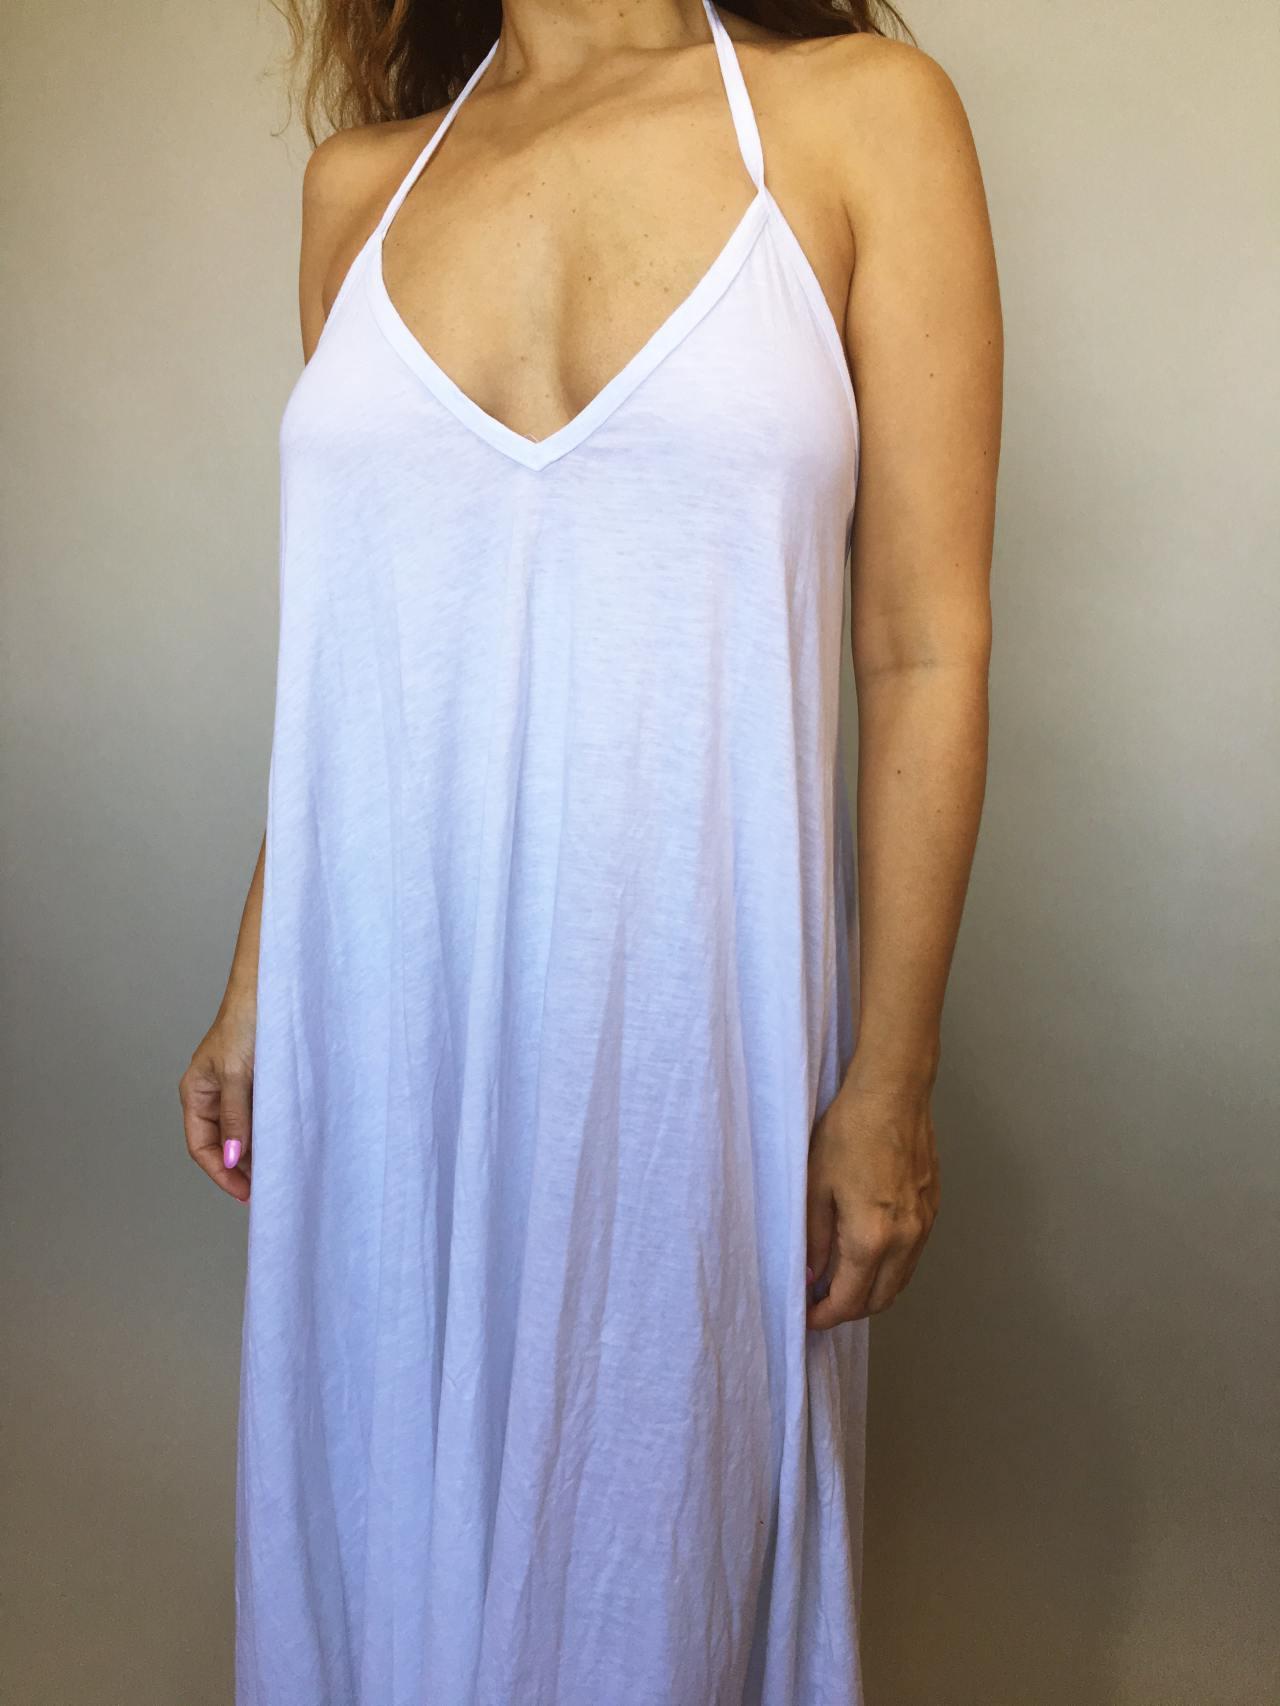 Šaty Sandy bílé 02